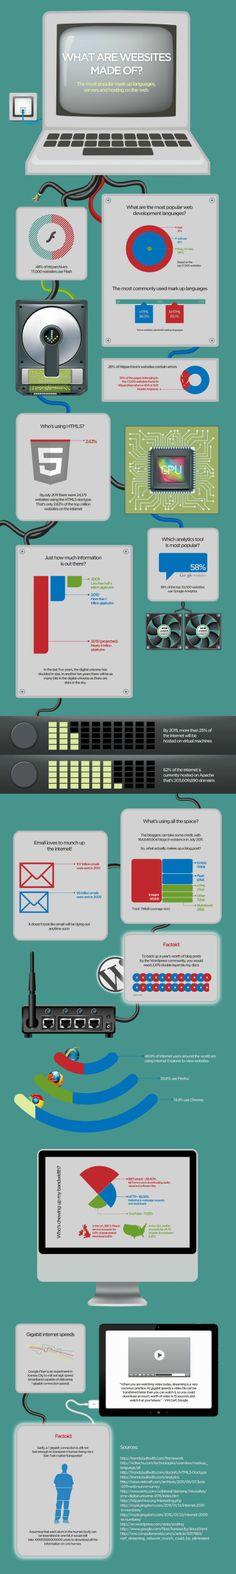 De quoi sont fait les sites web? Les plus populaires langages, serveurs et hébergements.